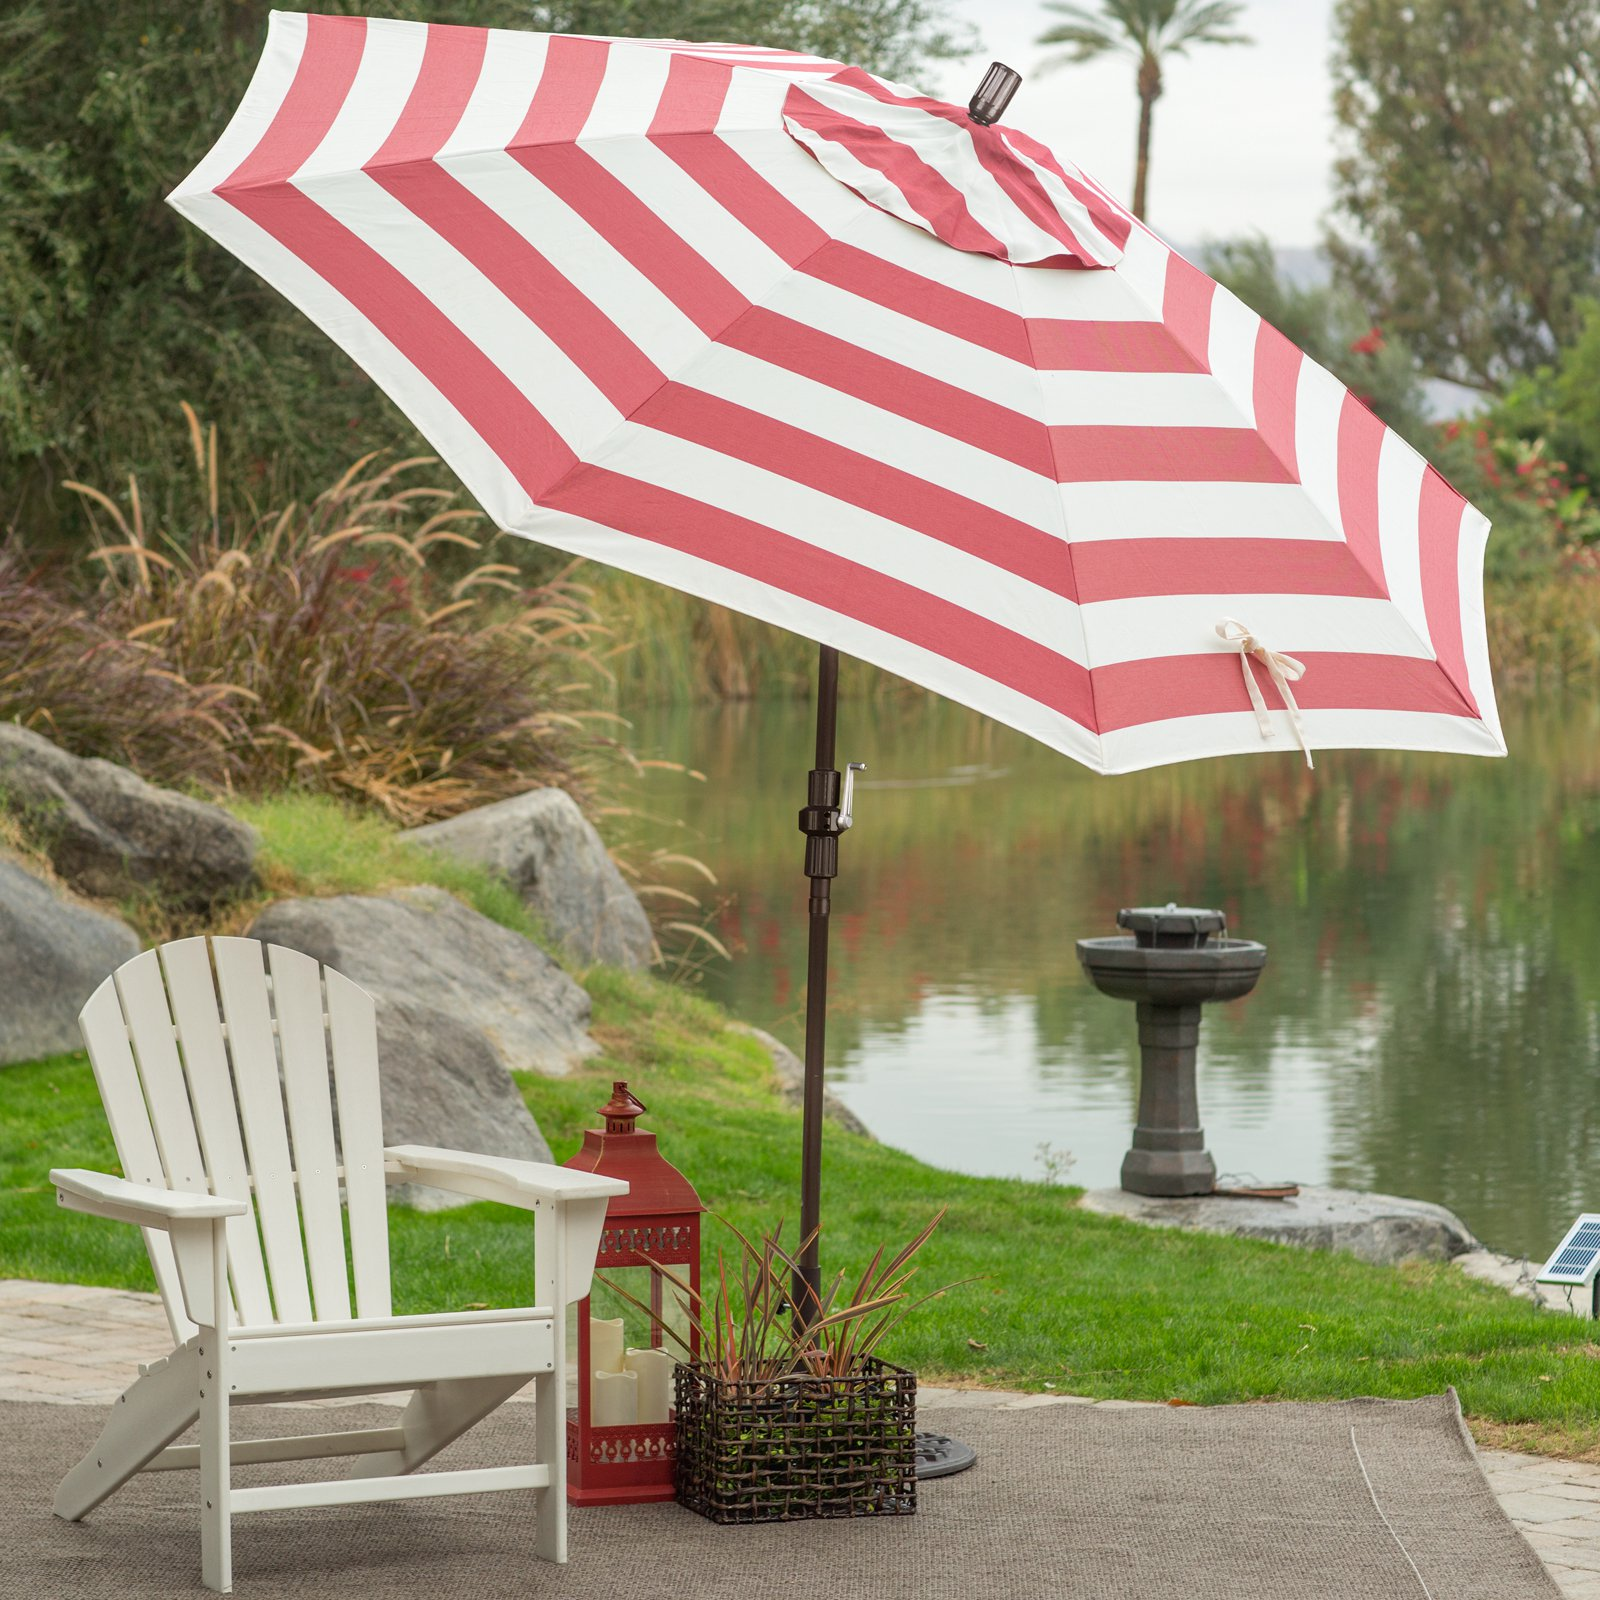 Садовый зонт полосатый